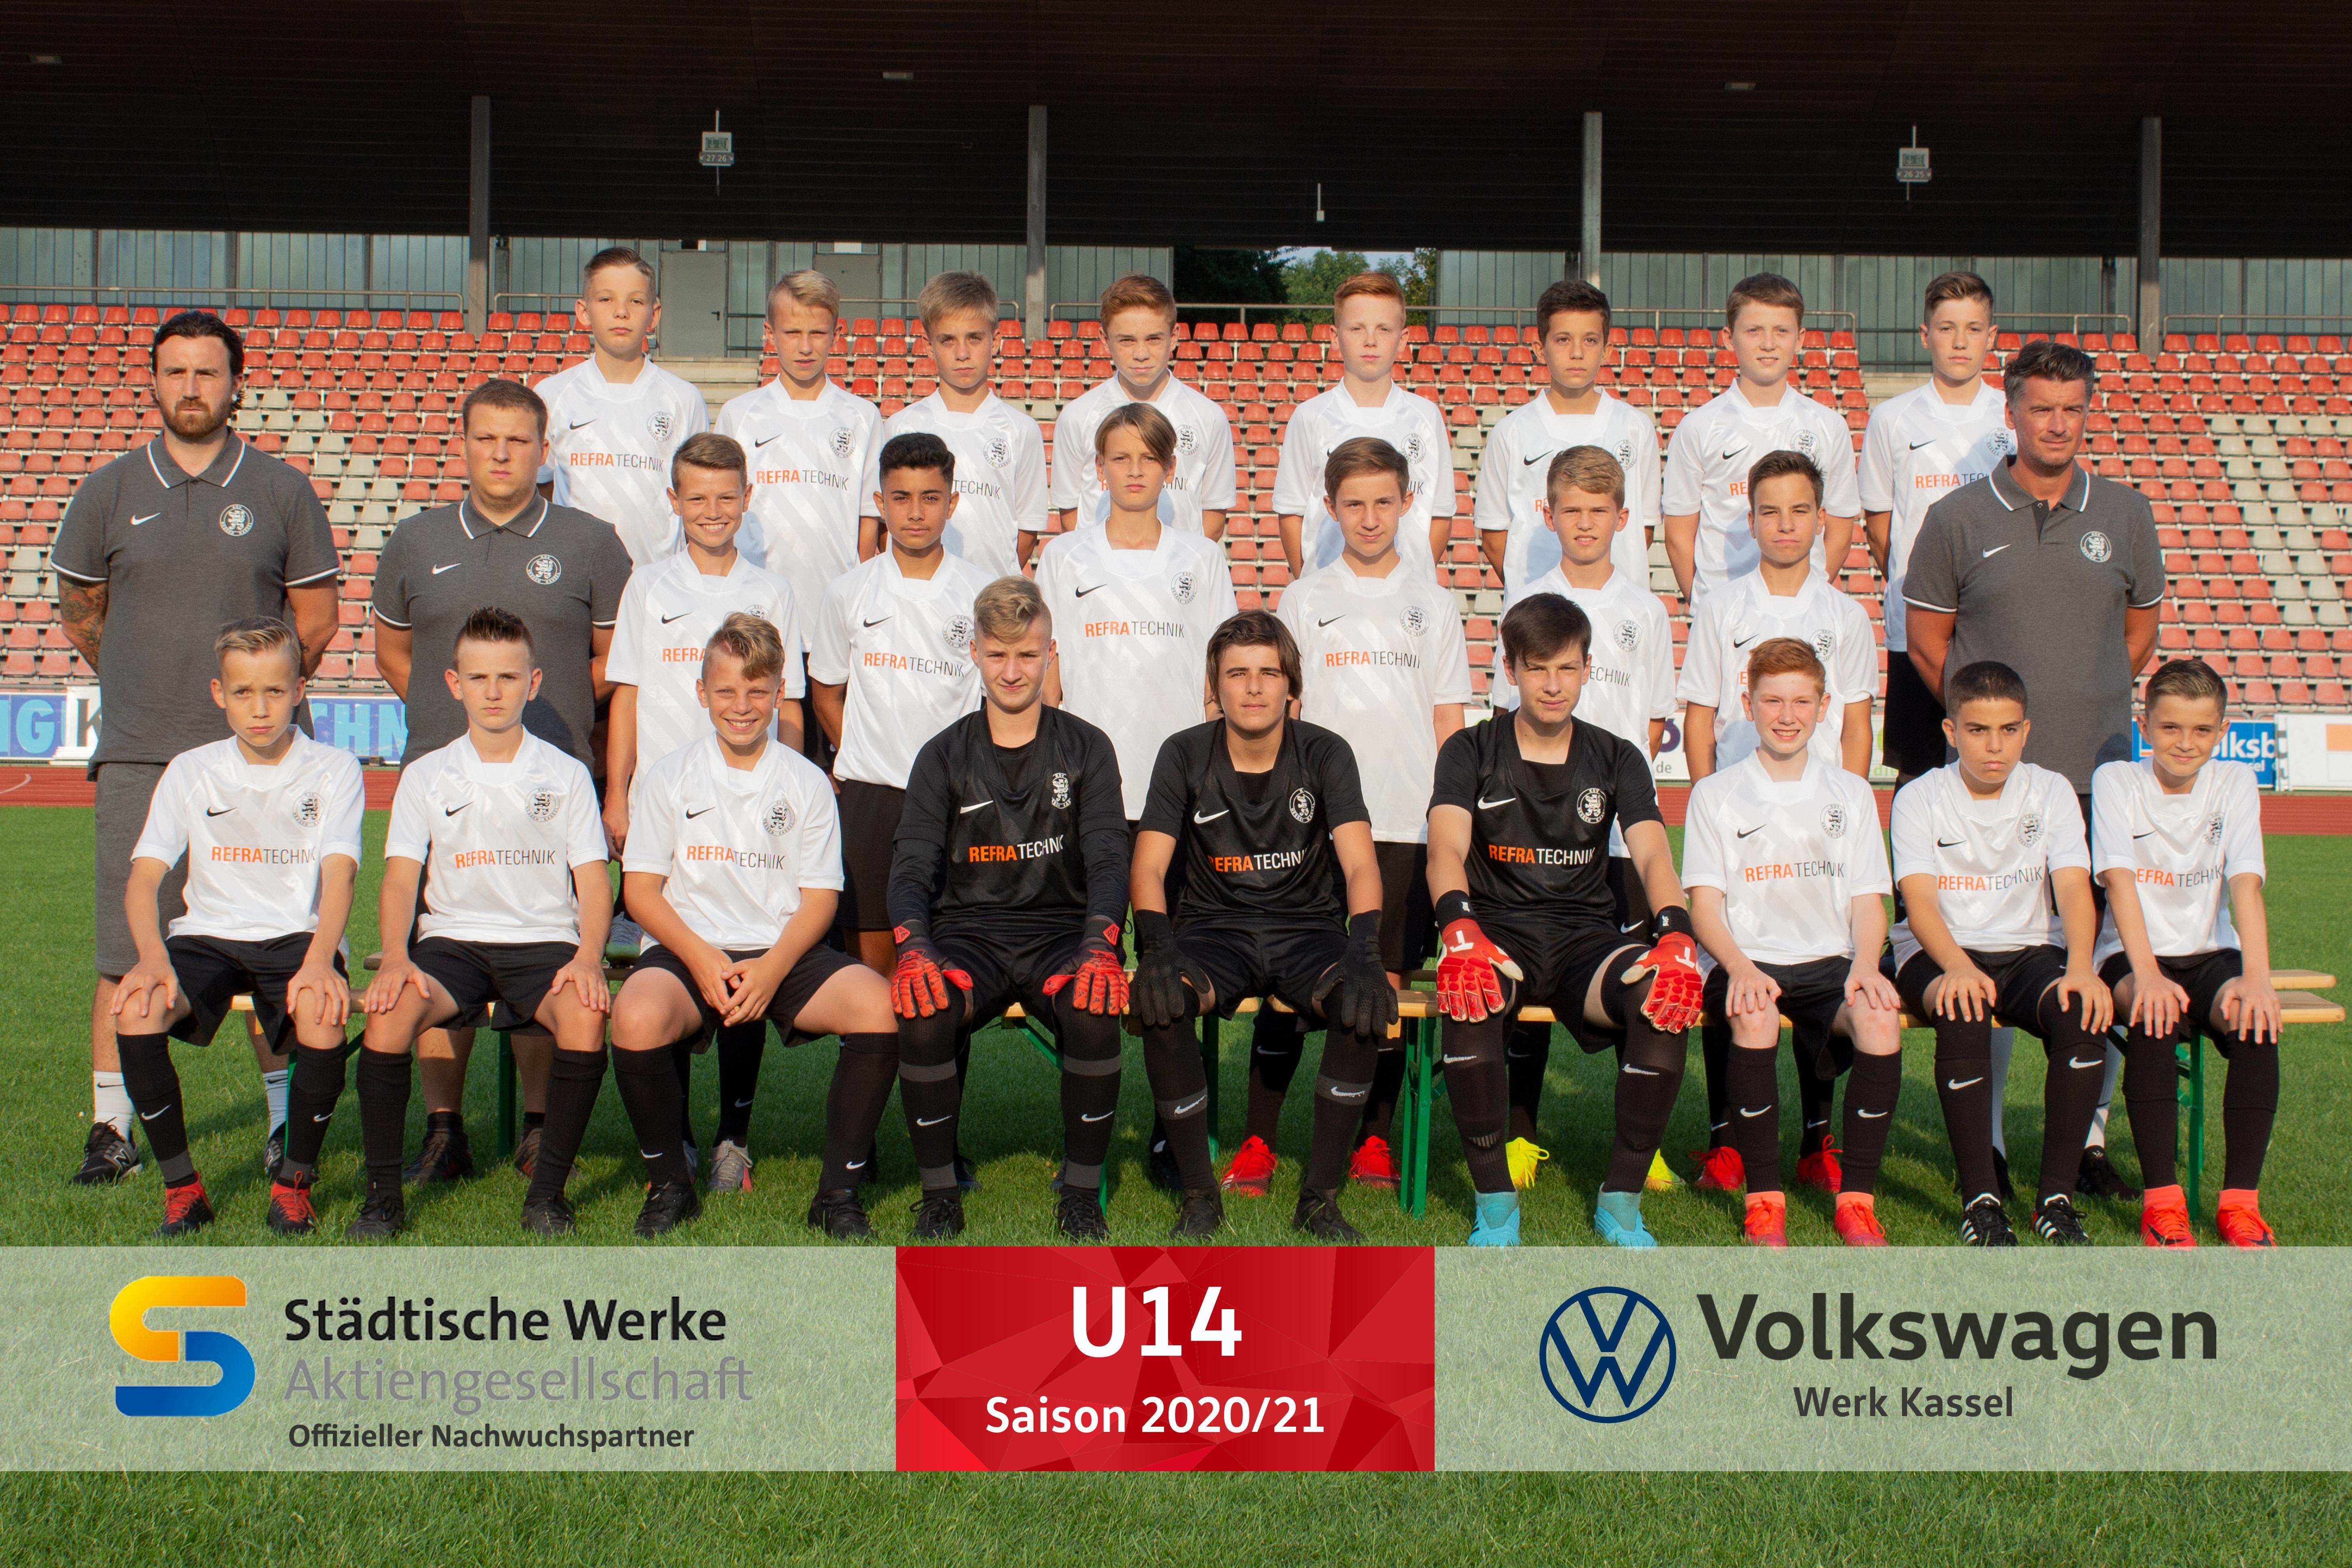 U14 Mannschaft 2020_21